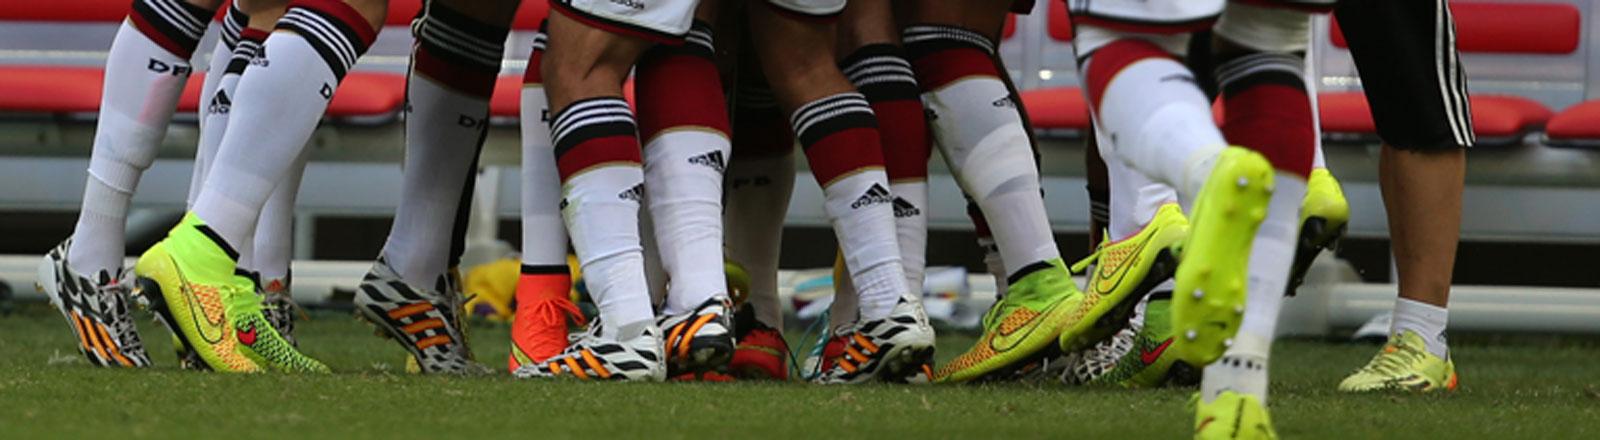 Beine der Spieler der Fußball-Nationalmannschaft